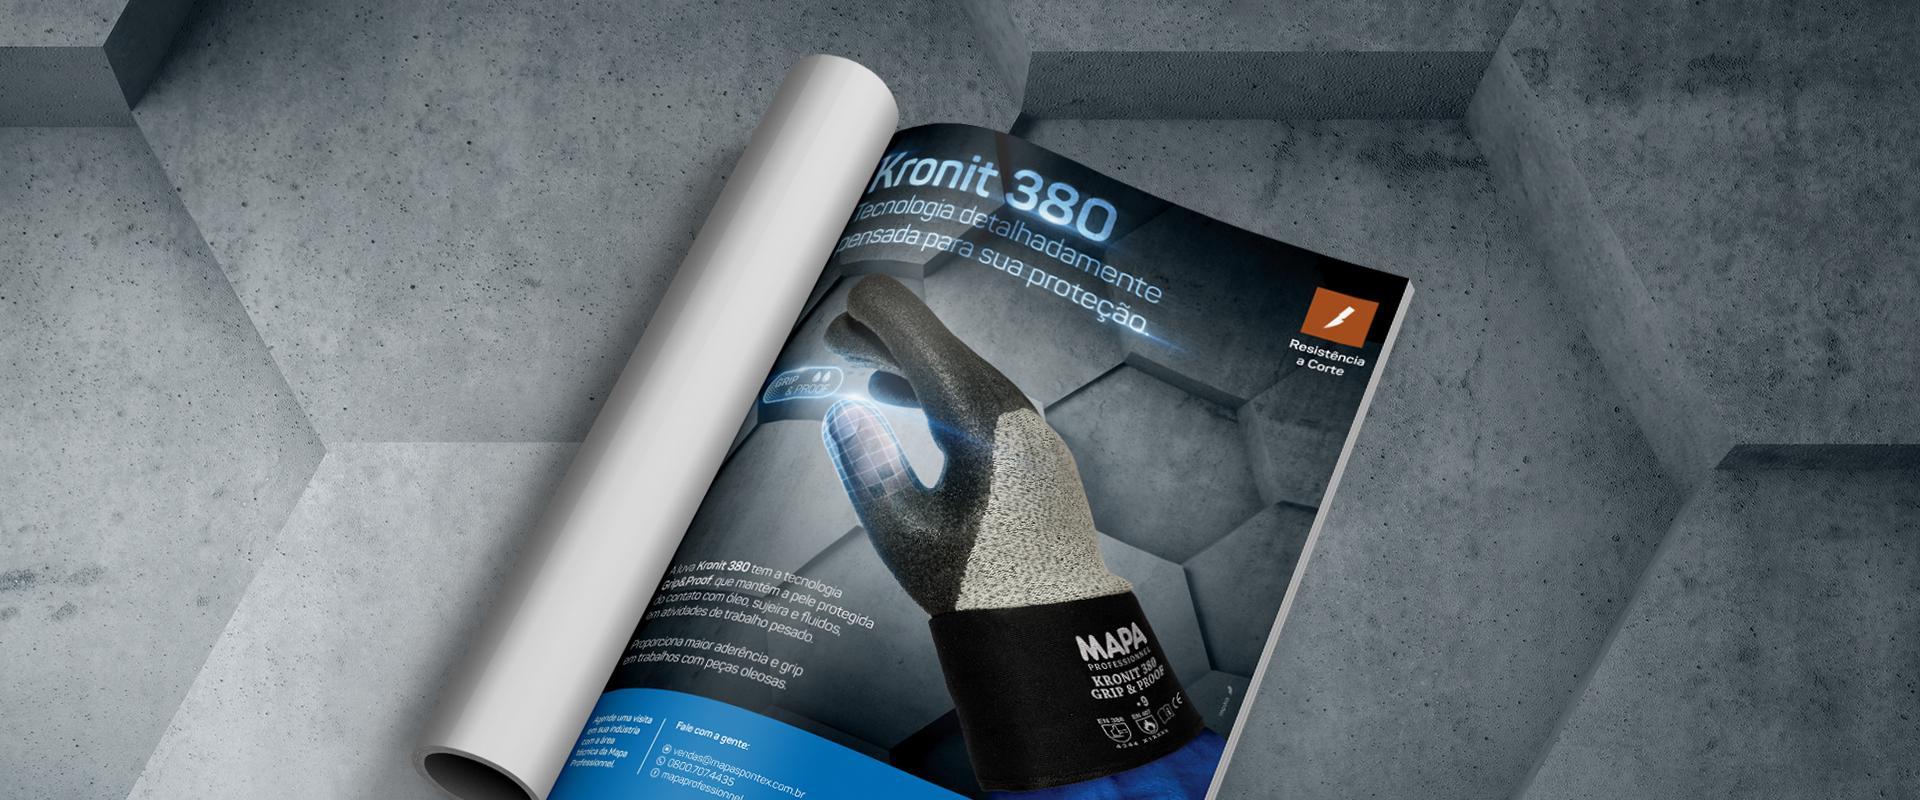 Lançamento Kronit Grip&Proof 380, da MAPA, conta com ação da Impulsa